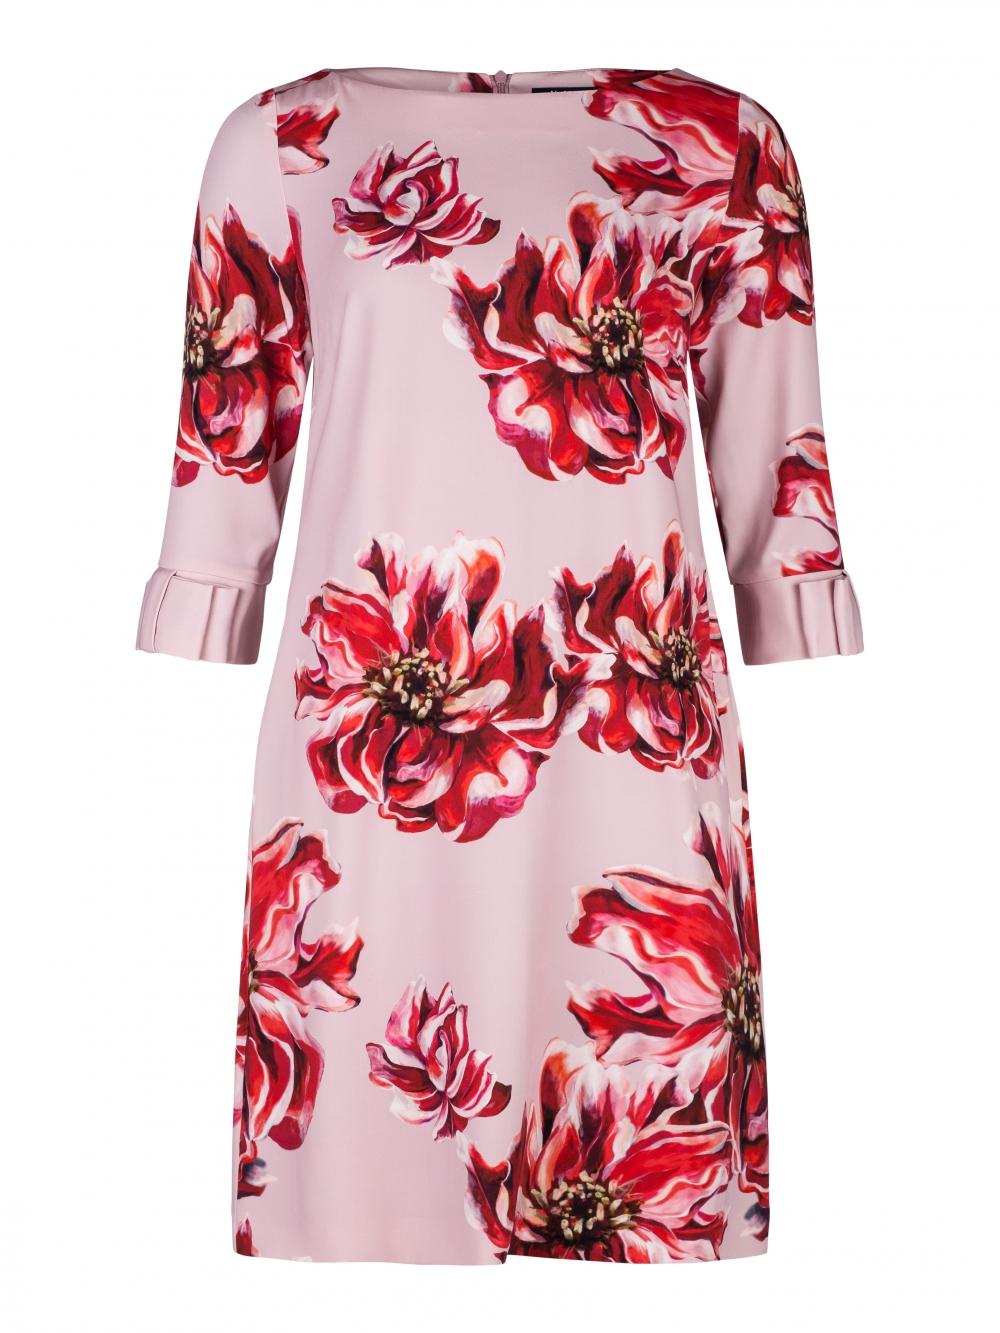 Klänning från Vera Mont handla i butik eller online hos